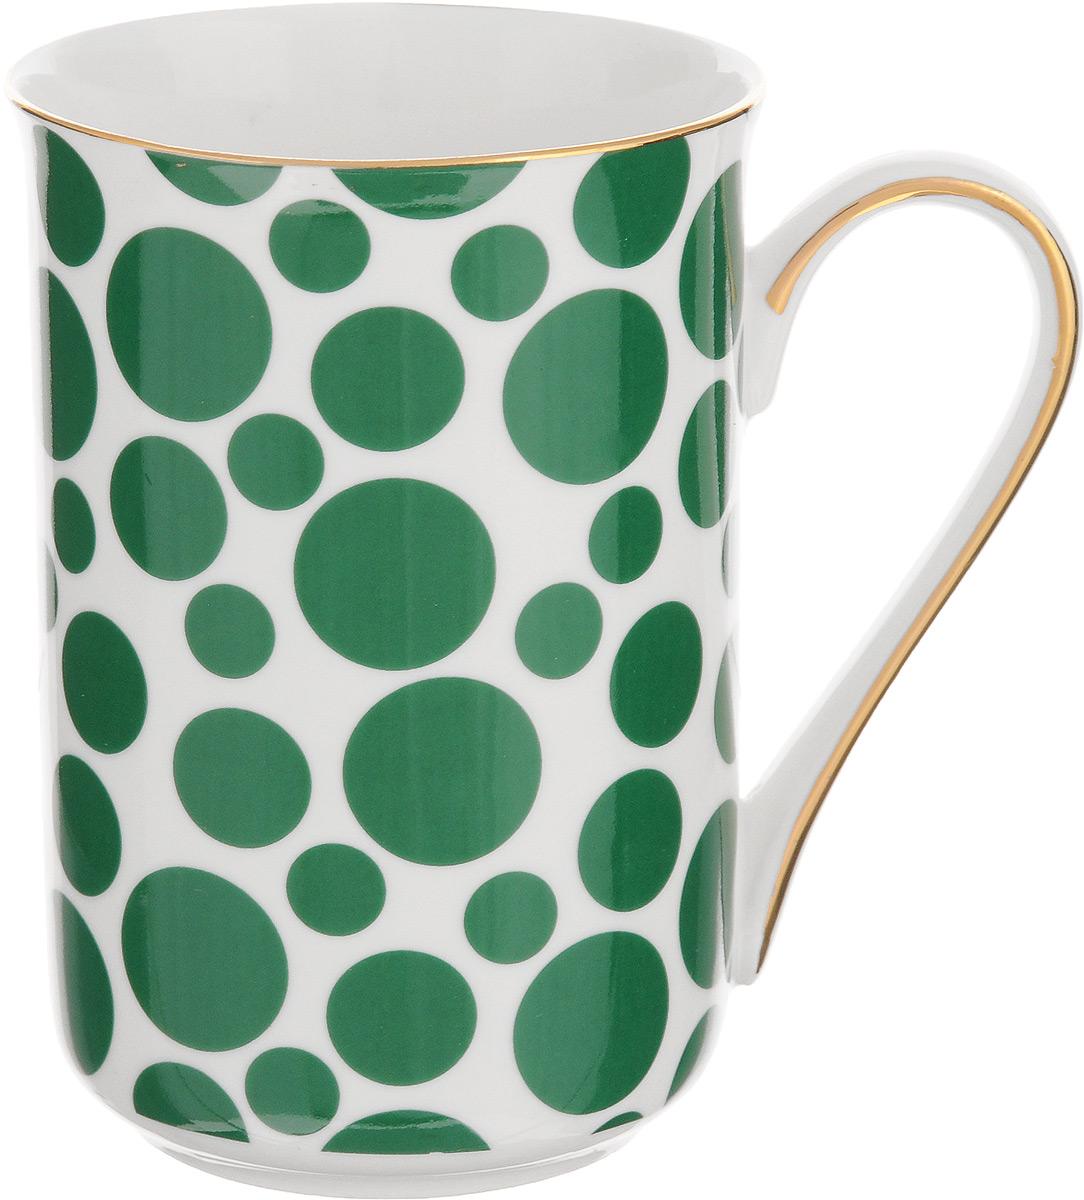 Кружка Patricia Горох, цвет: белый, зеленый, 370 мл54 009312Кружка Patricia Горох выполнена из фарфора безупречной белизны. Изделие декорировано принтом в горошек, некоторые элементы дополнительно оформлены золотистой эмалью. Такая кружка не только порадует своей практичностью, но и станет приятным сувениром для ваших близких. А оригинальное оформление кружки добавит ярких эмоций.Изделие упаковано в подарочную коробку, задрапированную белой атласной тканью. Не рекомендуется мыть в посудомоечной машине и использовать в микроволновой печи. Диаметр кружки (по верхнему краю): 7,5 см. Высота кружки: 11 см.